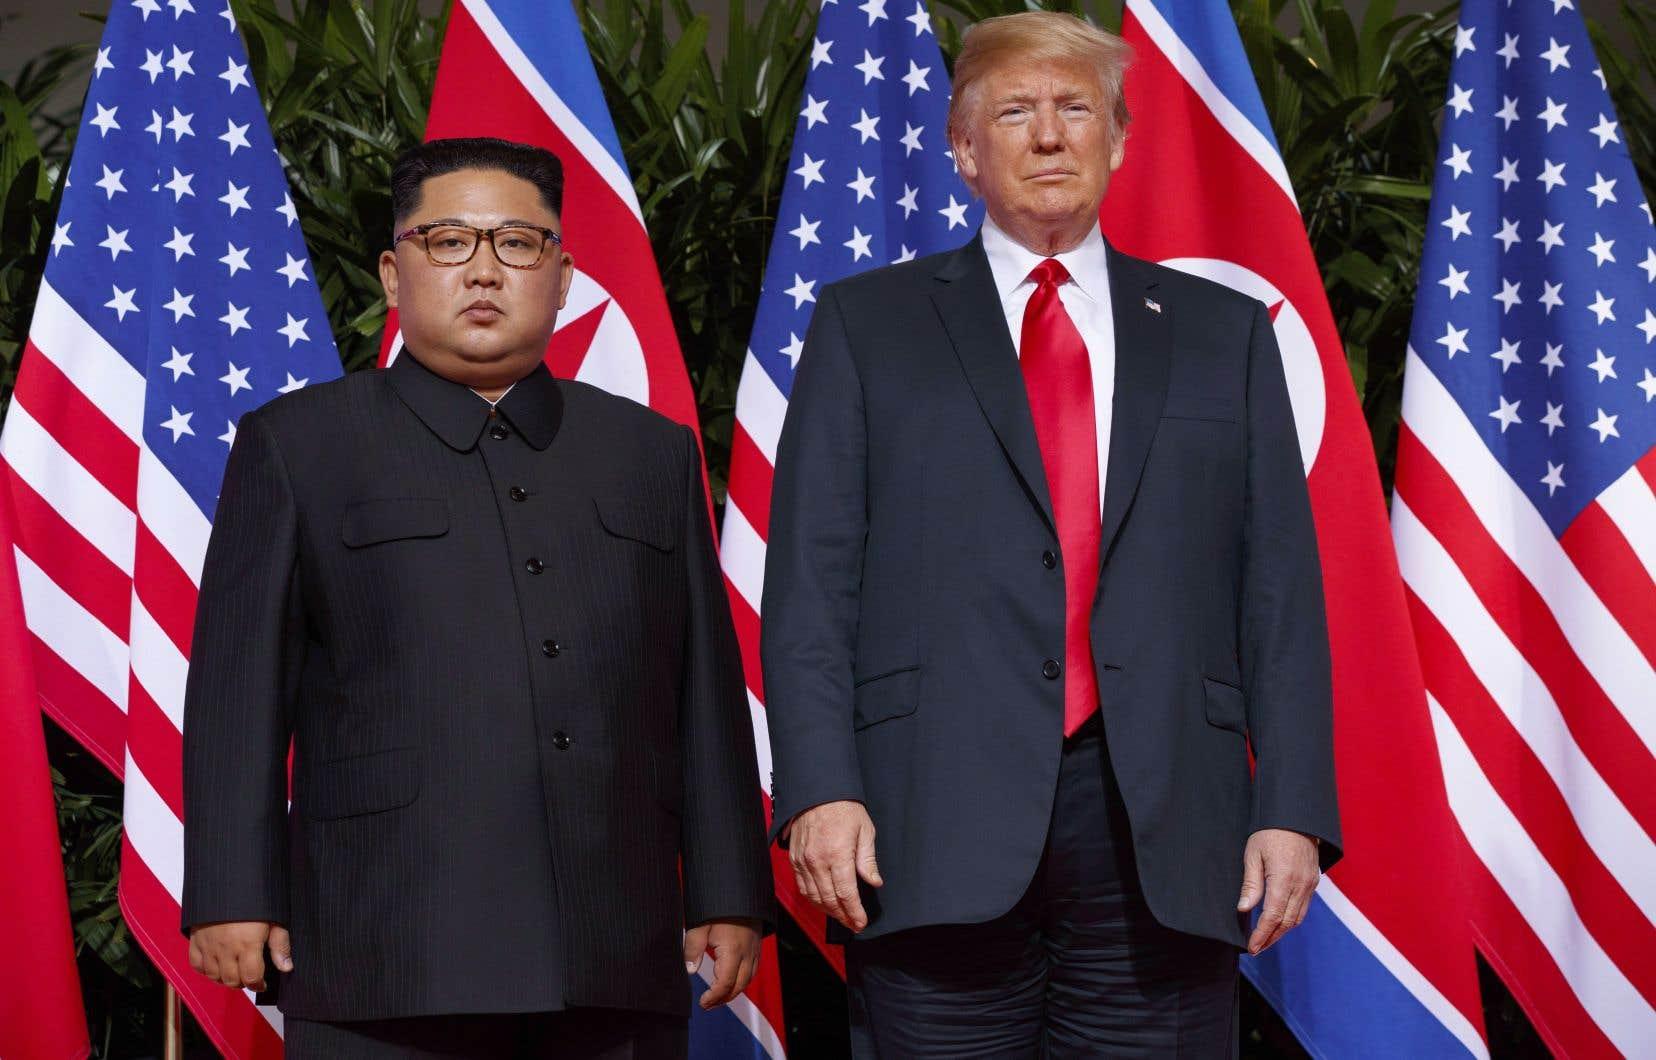 Donald Trump, 72 ans, et Kim Jong-un, de plus de 30 ans son cadet, se sont rencontrés pour la première fois en juin dernier à Singapour.